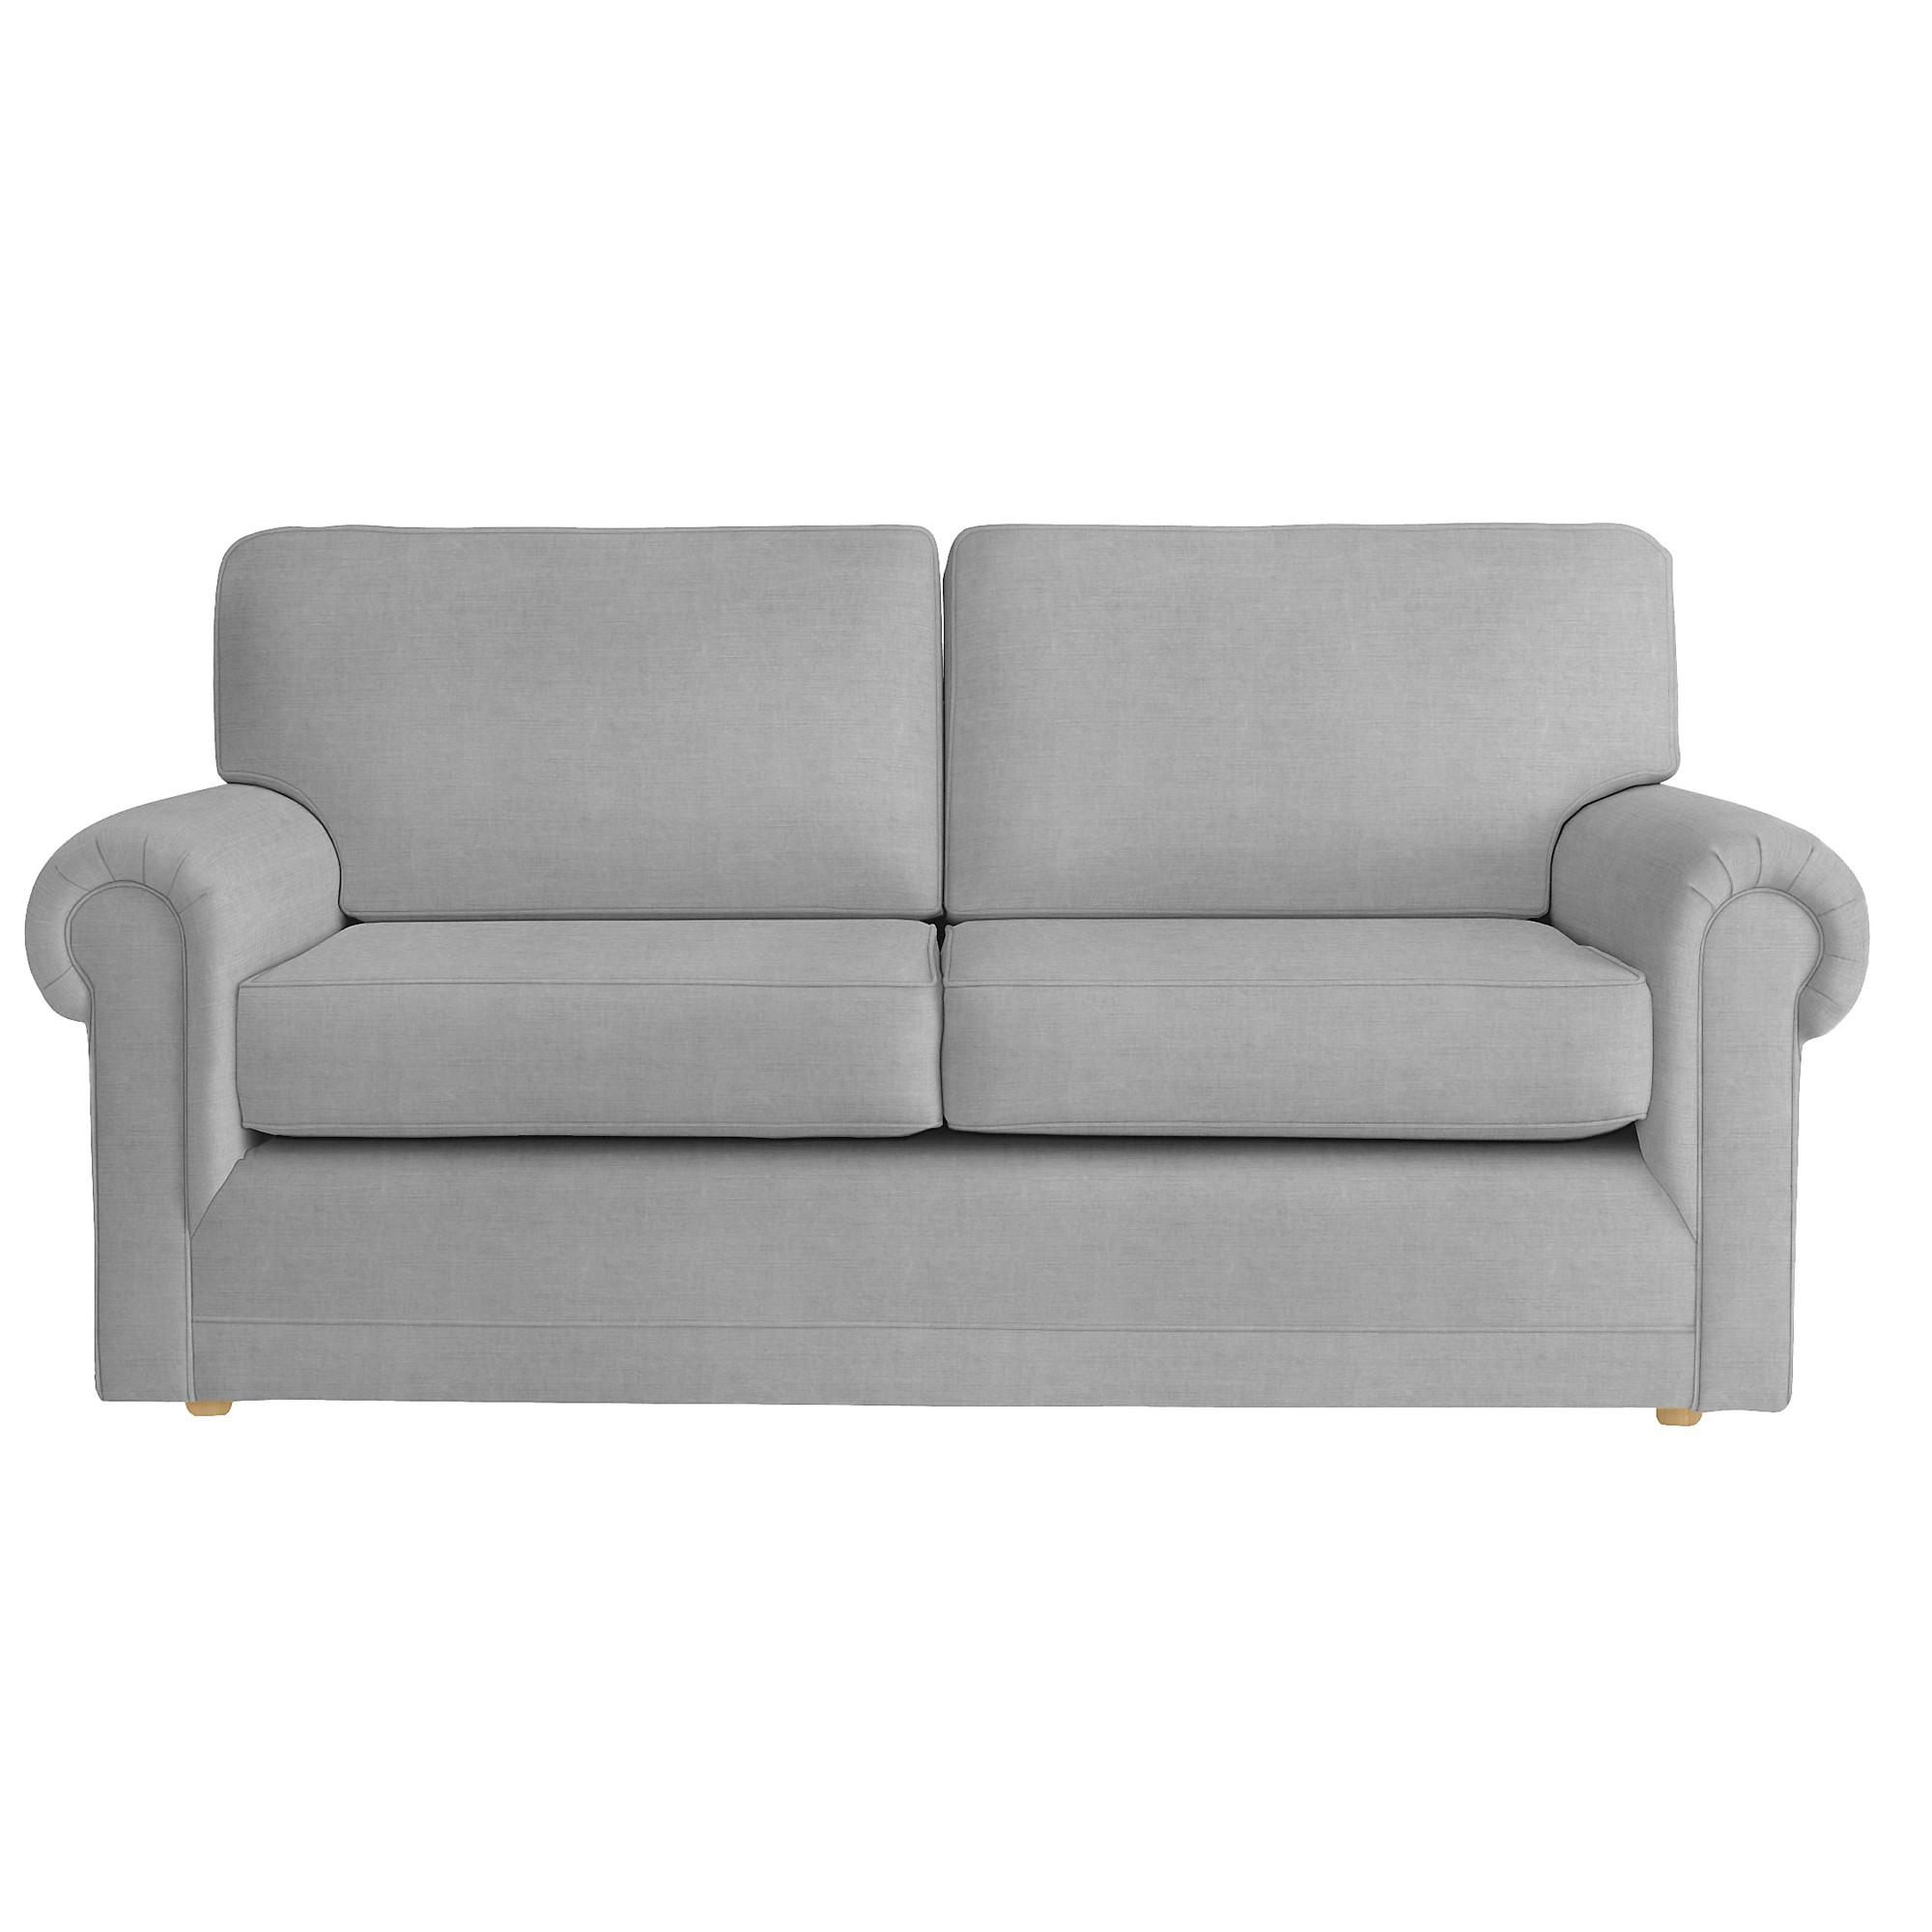 John Lewis Elgar Large Pocket Sprung Sofa Bed